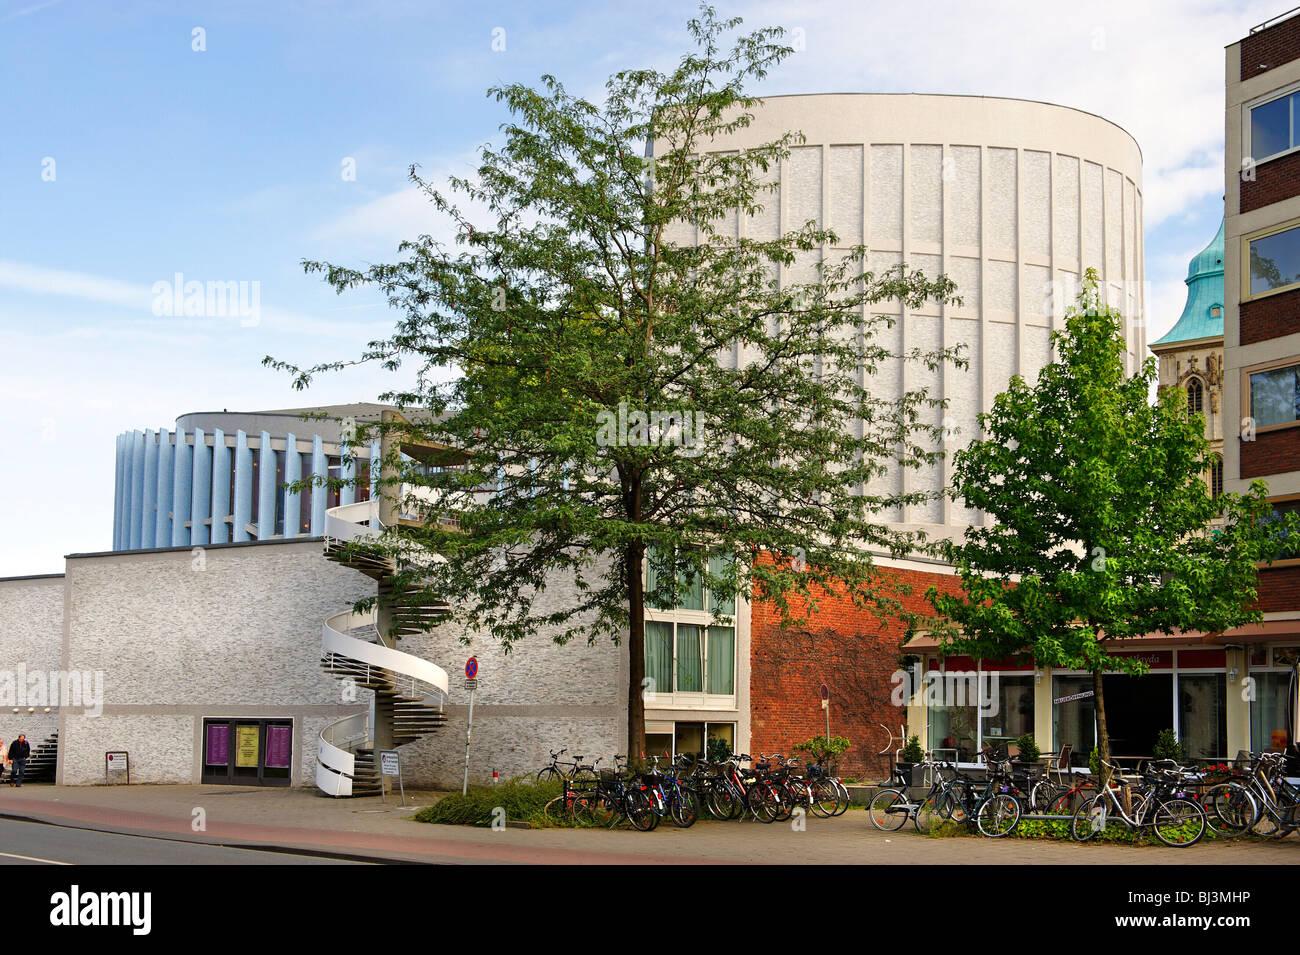 El teatro local de Münster, Renania del Norte-Westfalia, Alemania, Europa Imagen De Stock